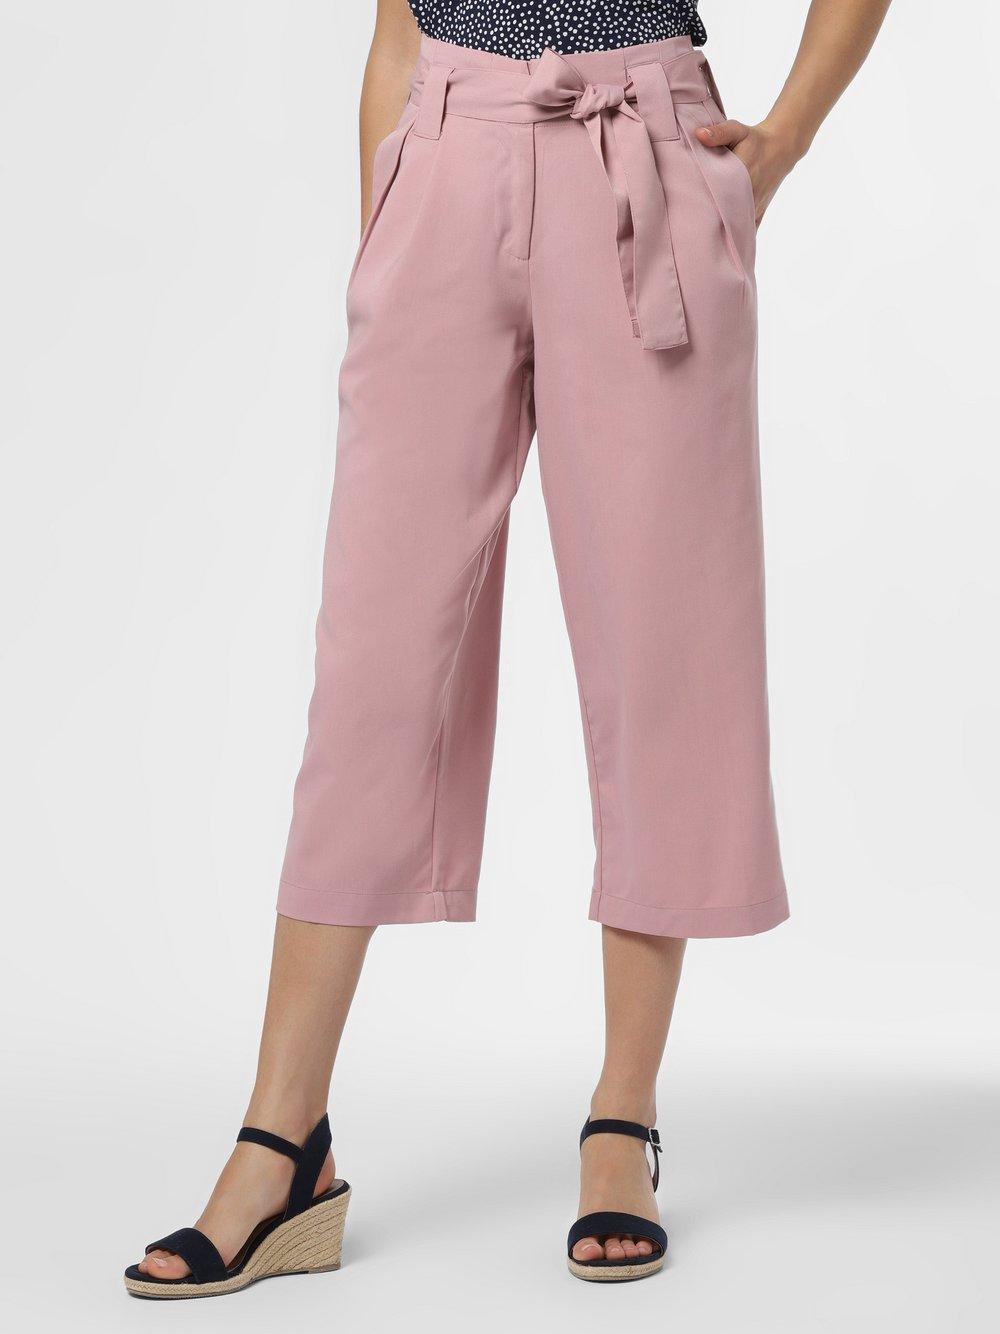 Y.A.S – Spodnie damskie – YASLeo, różowy Van Graaf 483143-0001